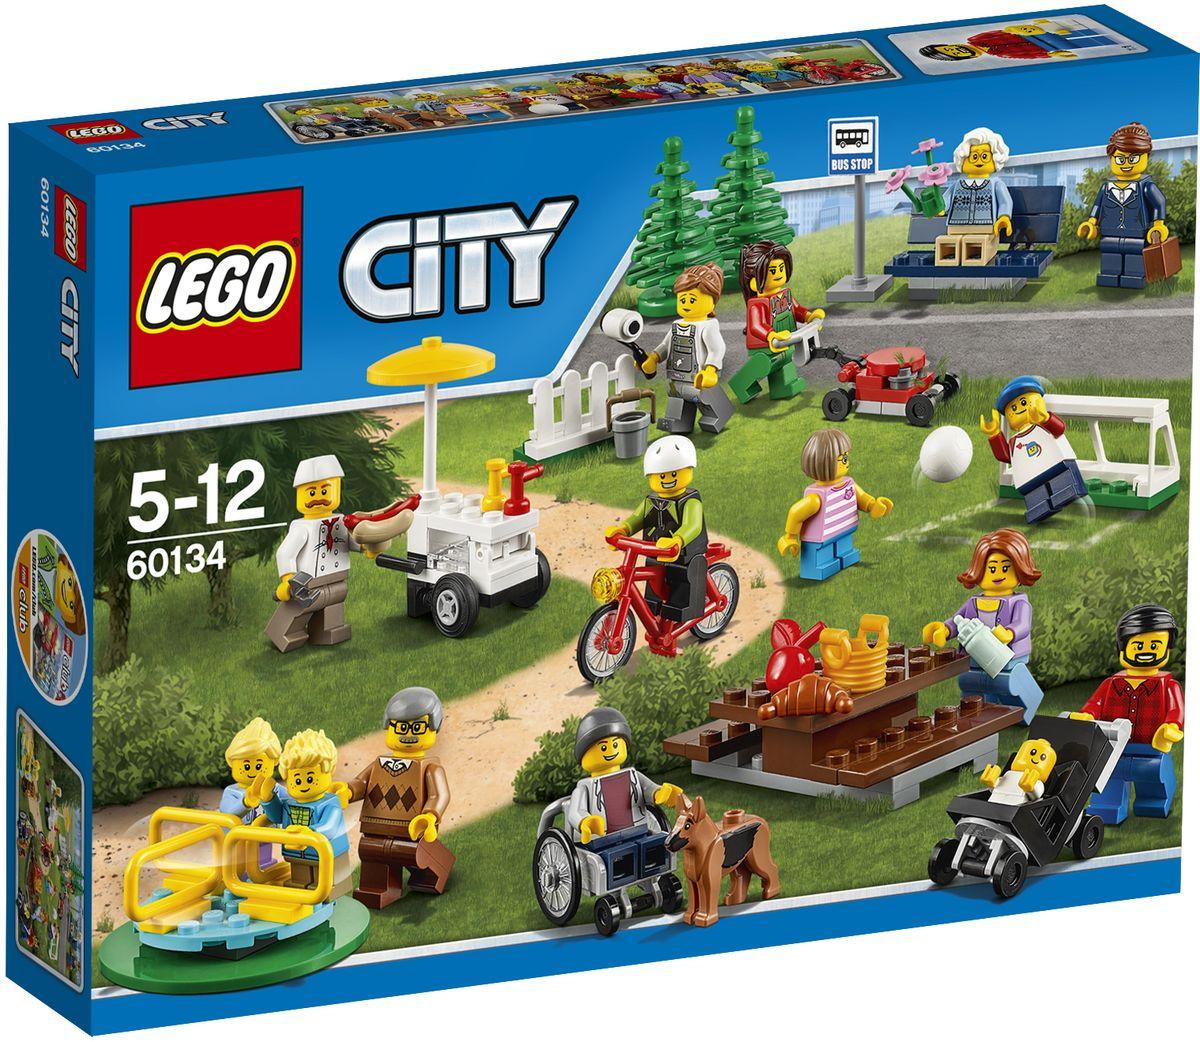 LEGO City Конструктор Праздник в парке 6013460134Познакомьтесь с множеством новых людей, проведя прекрасный день в парке! Помогите отцу присмотреть за малышом, пока дети играют на детской площадке с бабушкой и дедушкой. Купите у продавца с тележкой хот-дог и съешьте его, сидя на скамейке в парке, прежде чем вернуться к рисованию. Но следите, чтобы собака на стащила еду, пока вы отвернетесь. Это идеальный набор, чтобы сделать город веселее! Набор включает в себя 157 разноцветных элементов. Конструктор - это один из самых увлекательных и веселых способов времяпрепровождения. Ребенок сможет часами играть с конструктором, придумывая различные ситуации и истории.